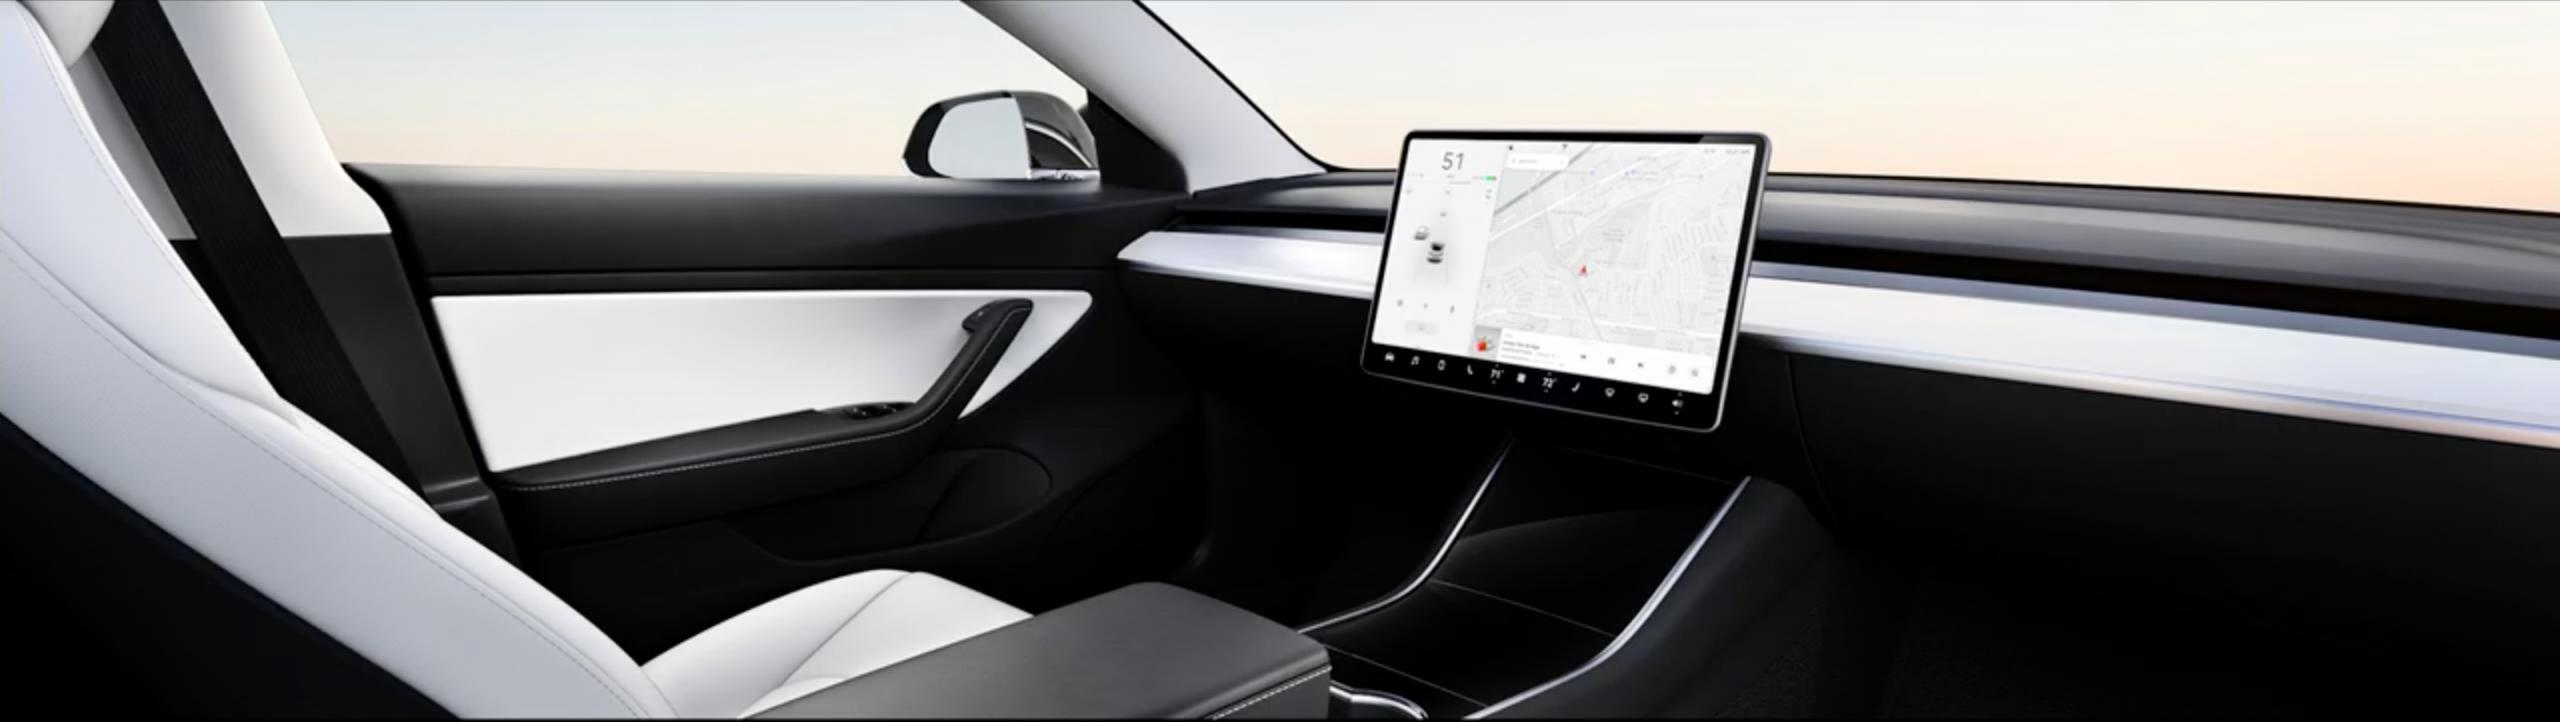 Samovozeči avto Tesle - koncept